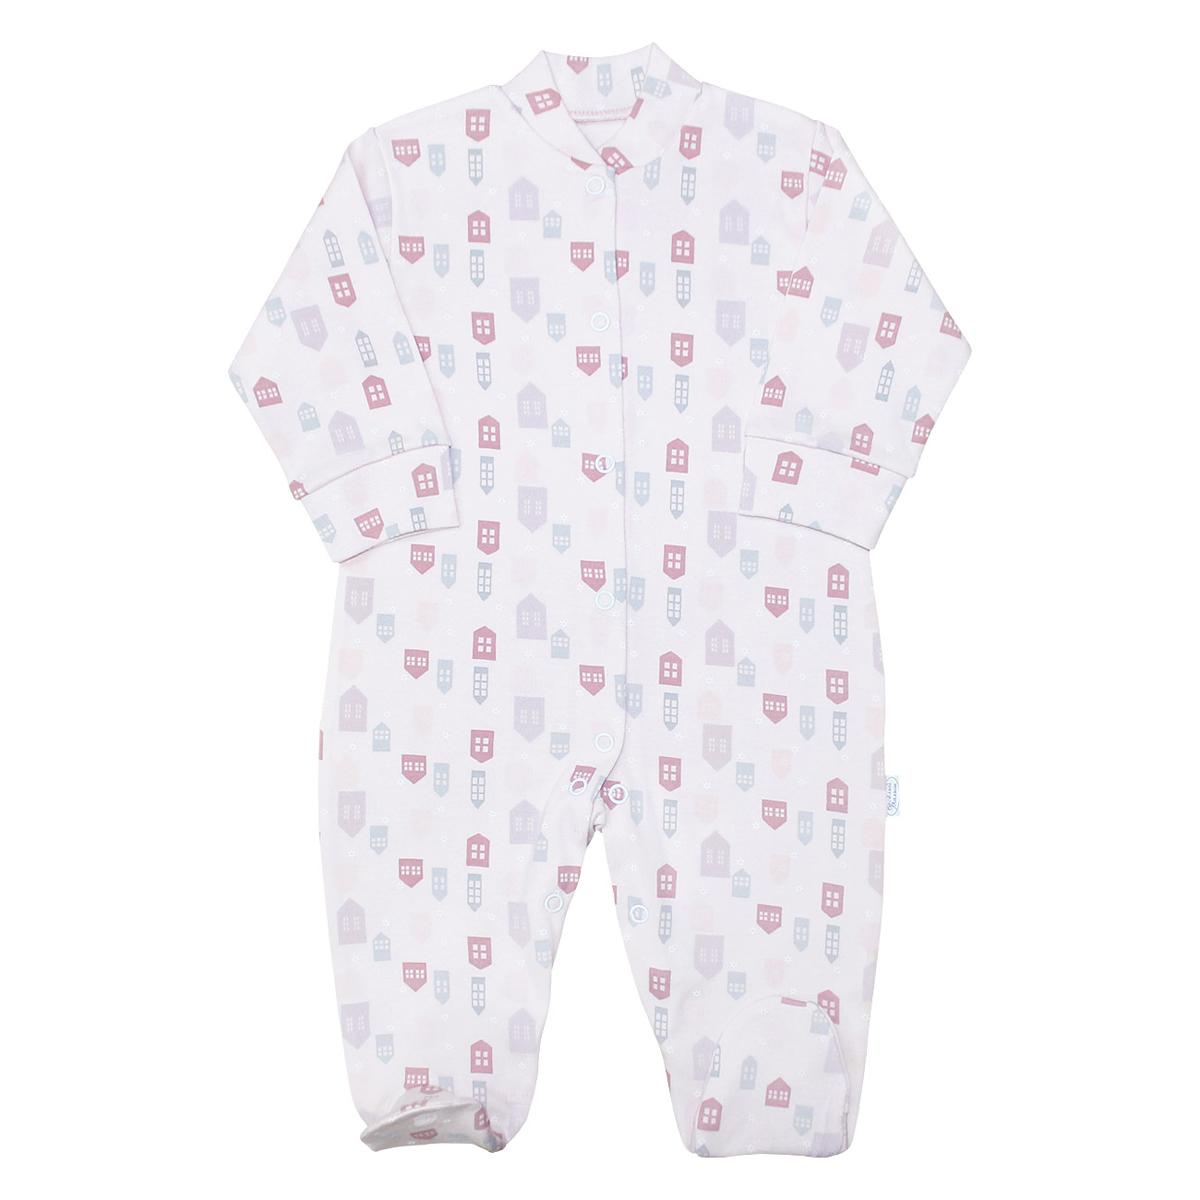 Комбинезон домашний для девочки Веселый малыш One, цвет: розовый. 51152/One-G (1). Размер 9251152Комбинезон домашний для девочки Веселый малыш One выполнен из качественного материала. Модель с длинными рукавами застегивается на кнопки.